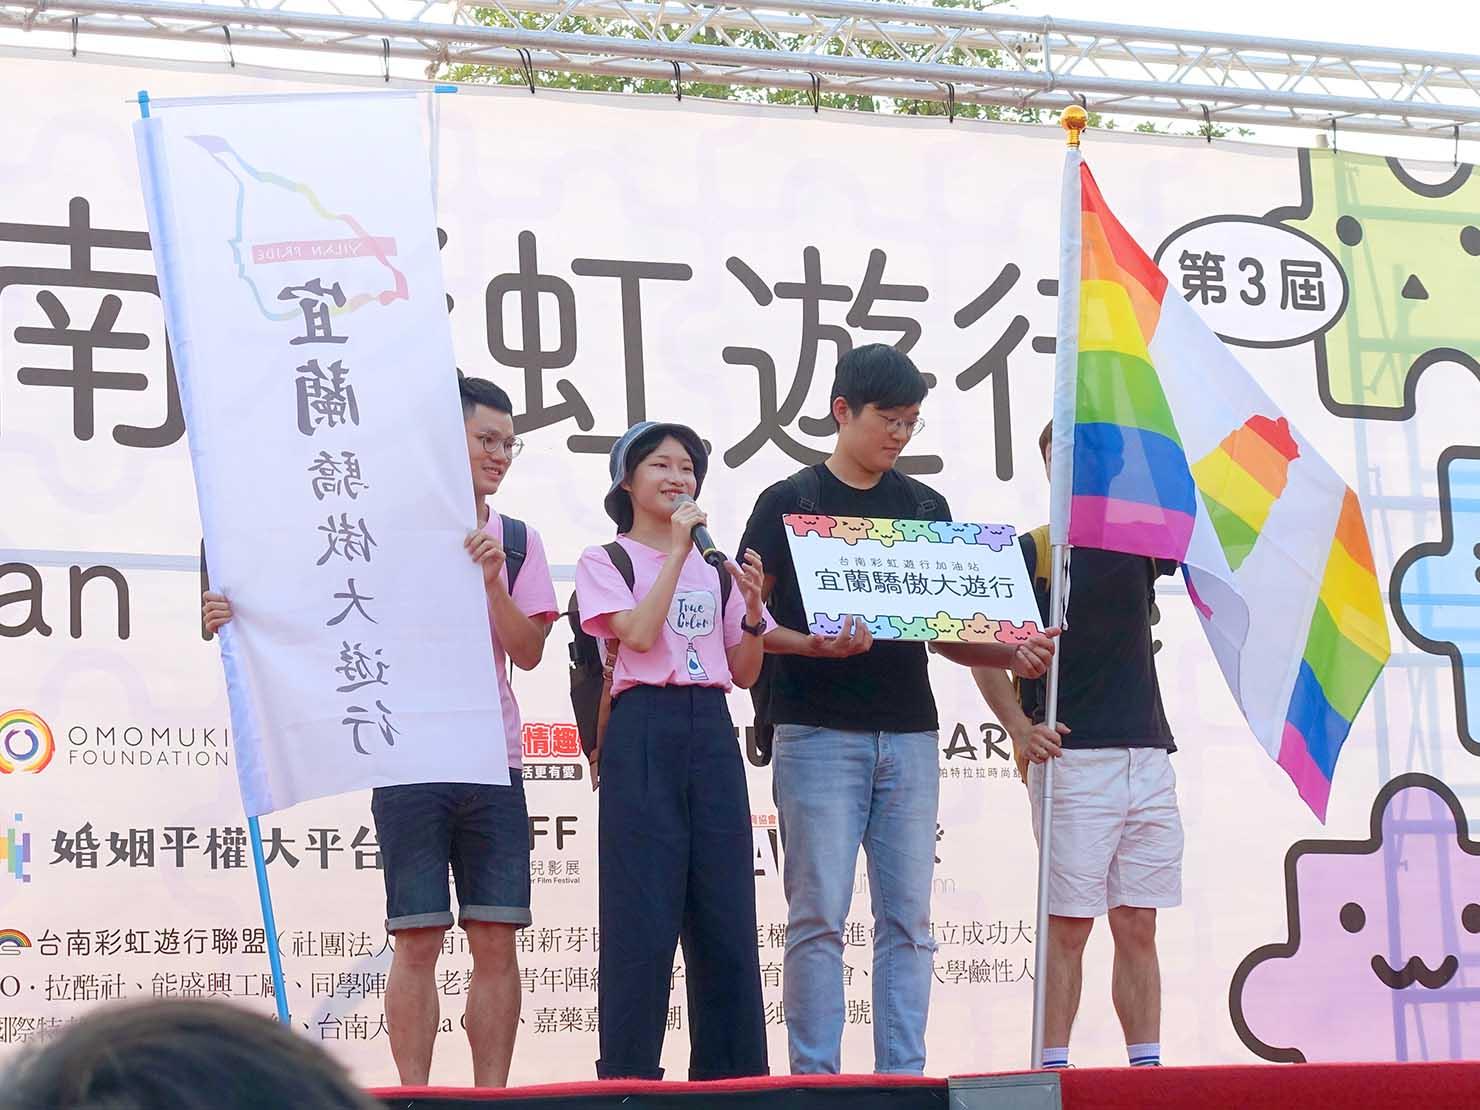 2018年台湾最初のLGBTプライド「台南彩虹遊行(台南レインボーパレード)」ステージに登場する宜蘭驕傲大遊行の主催者たち